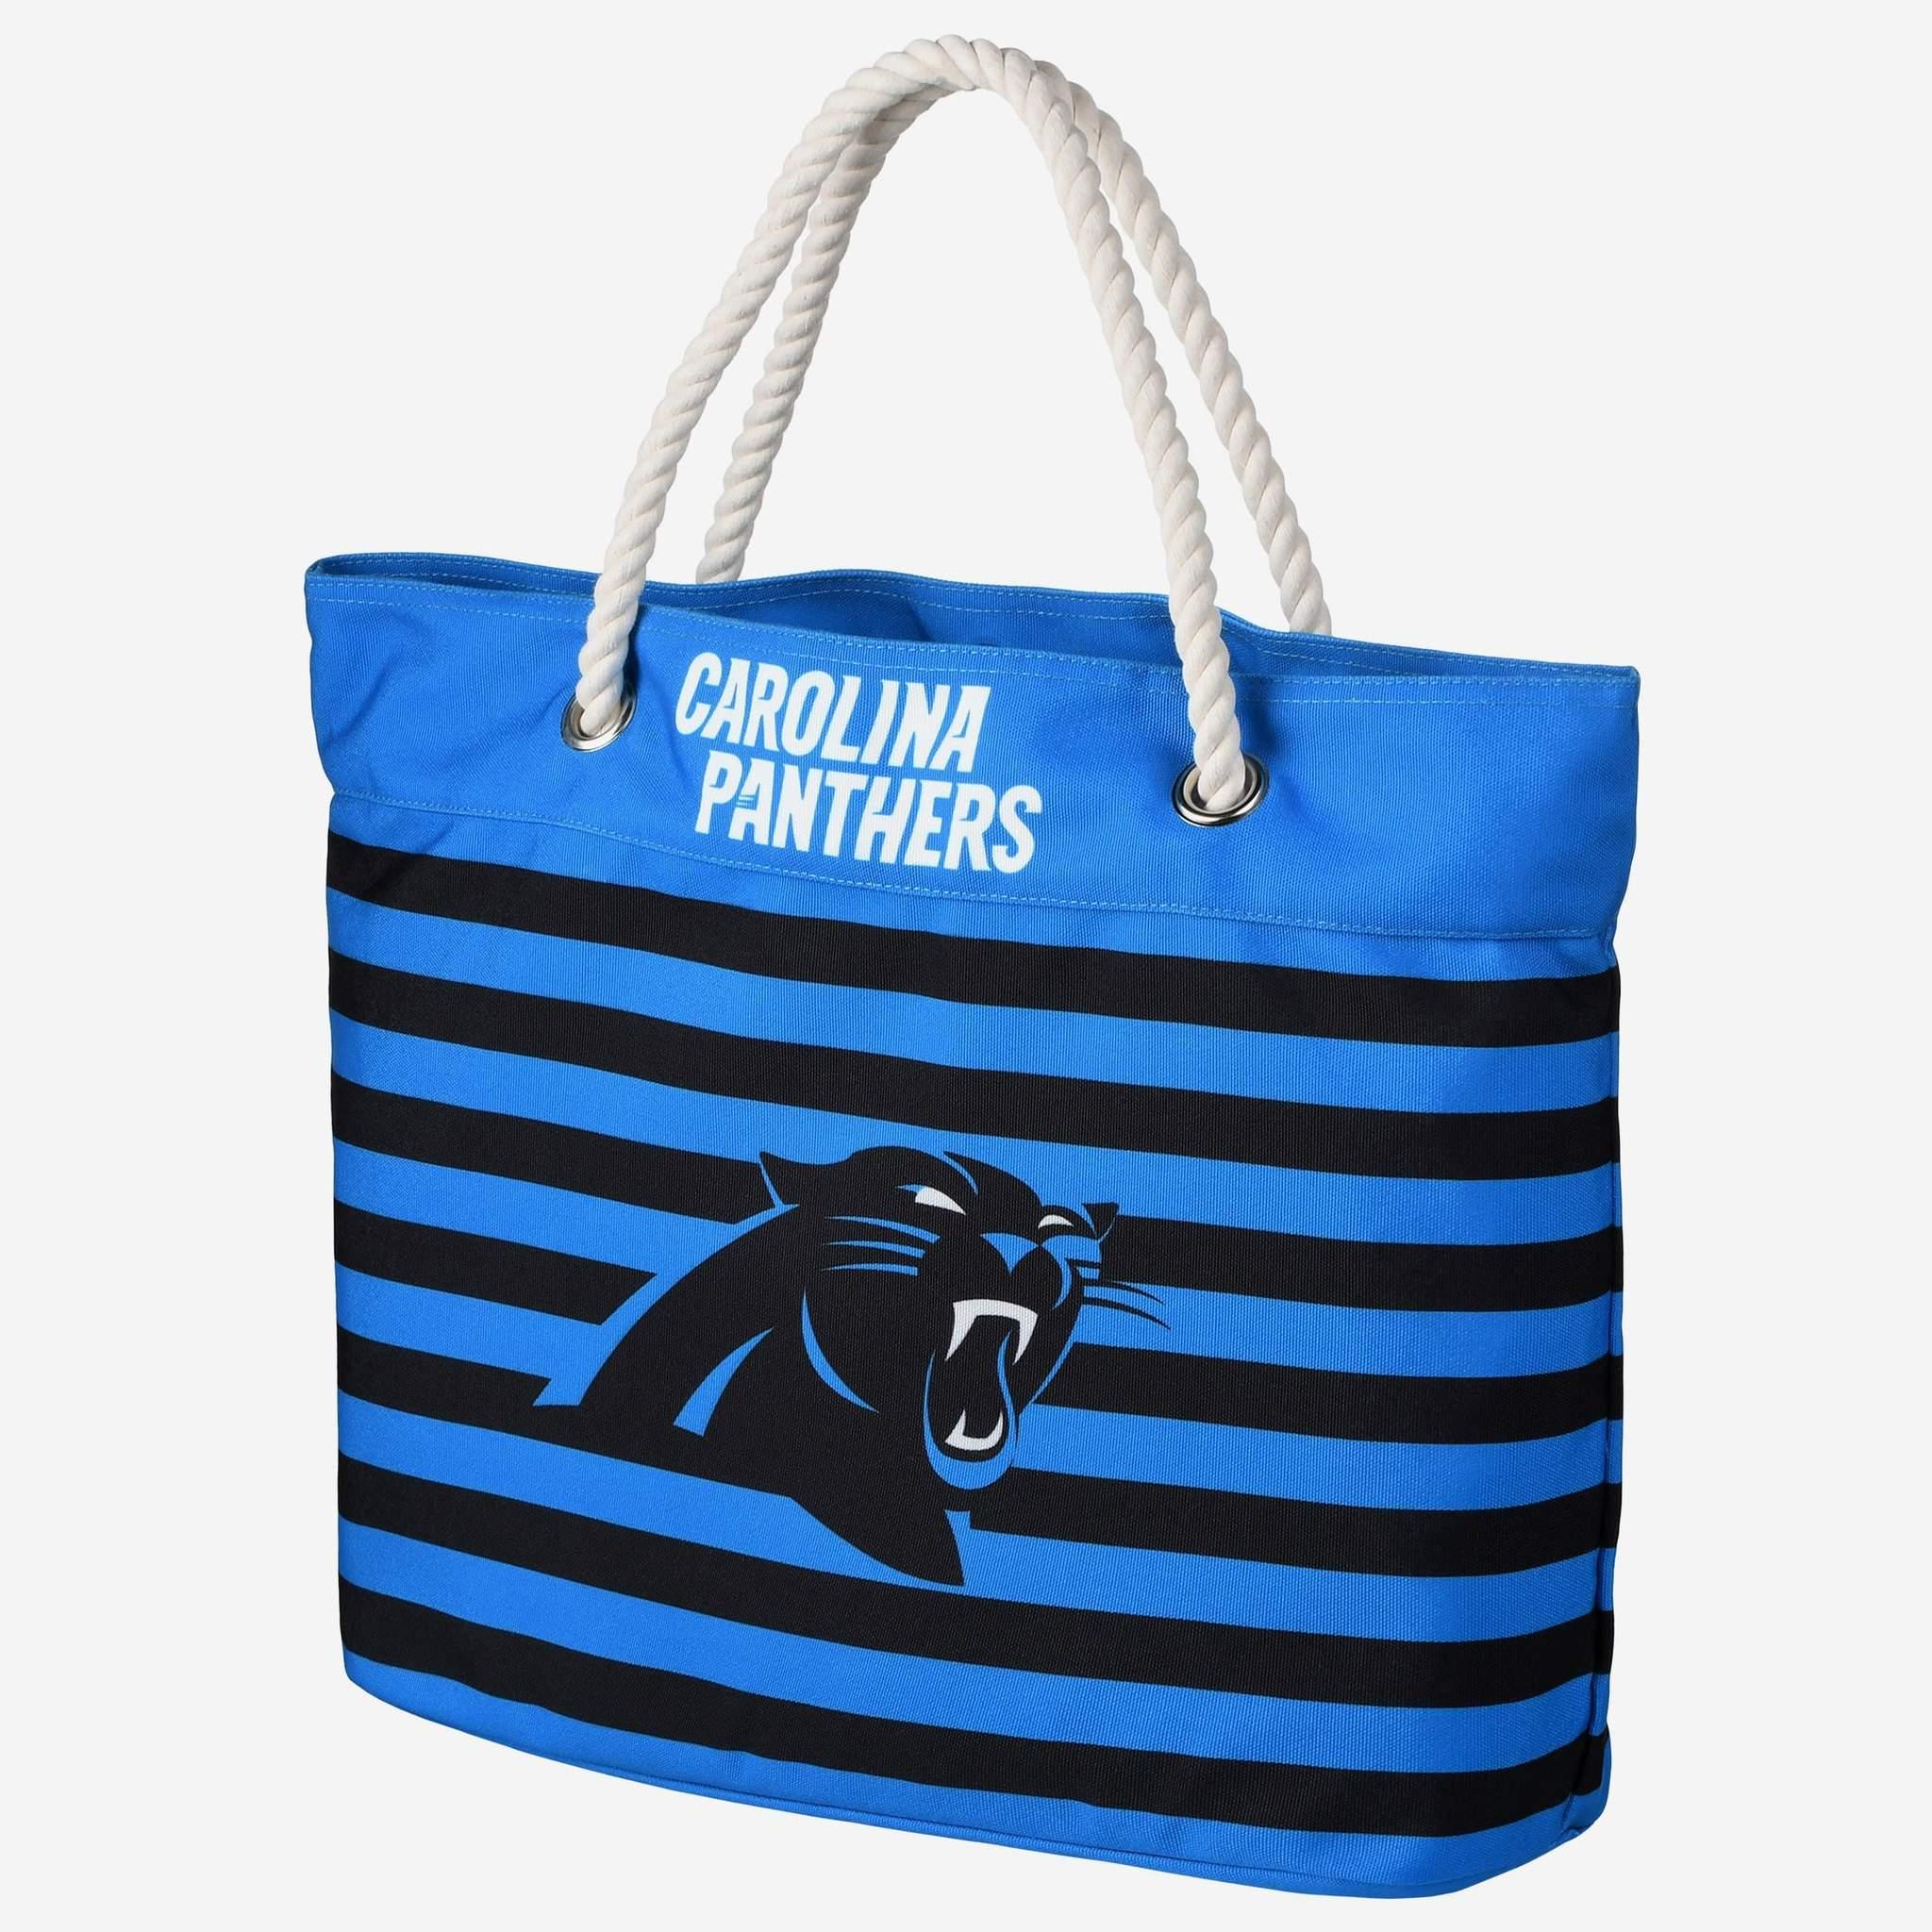 FOCO Carolina Panthers Tote Bag Image